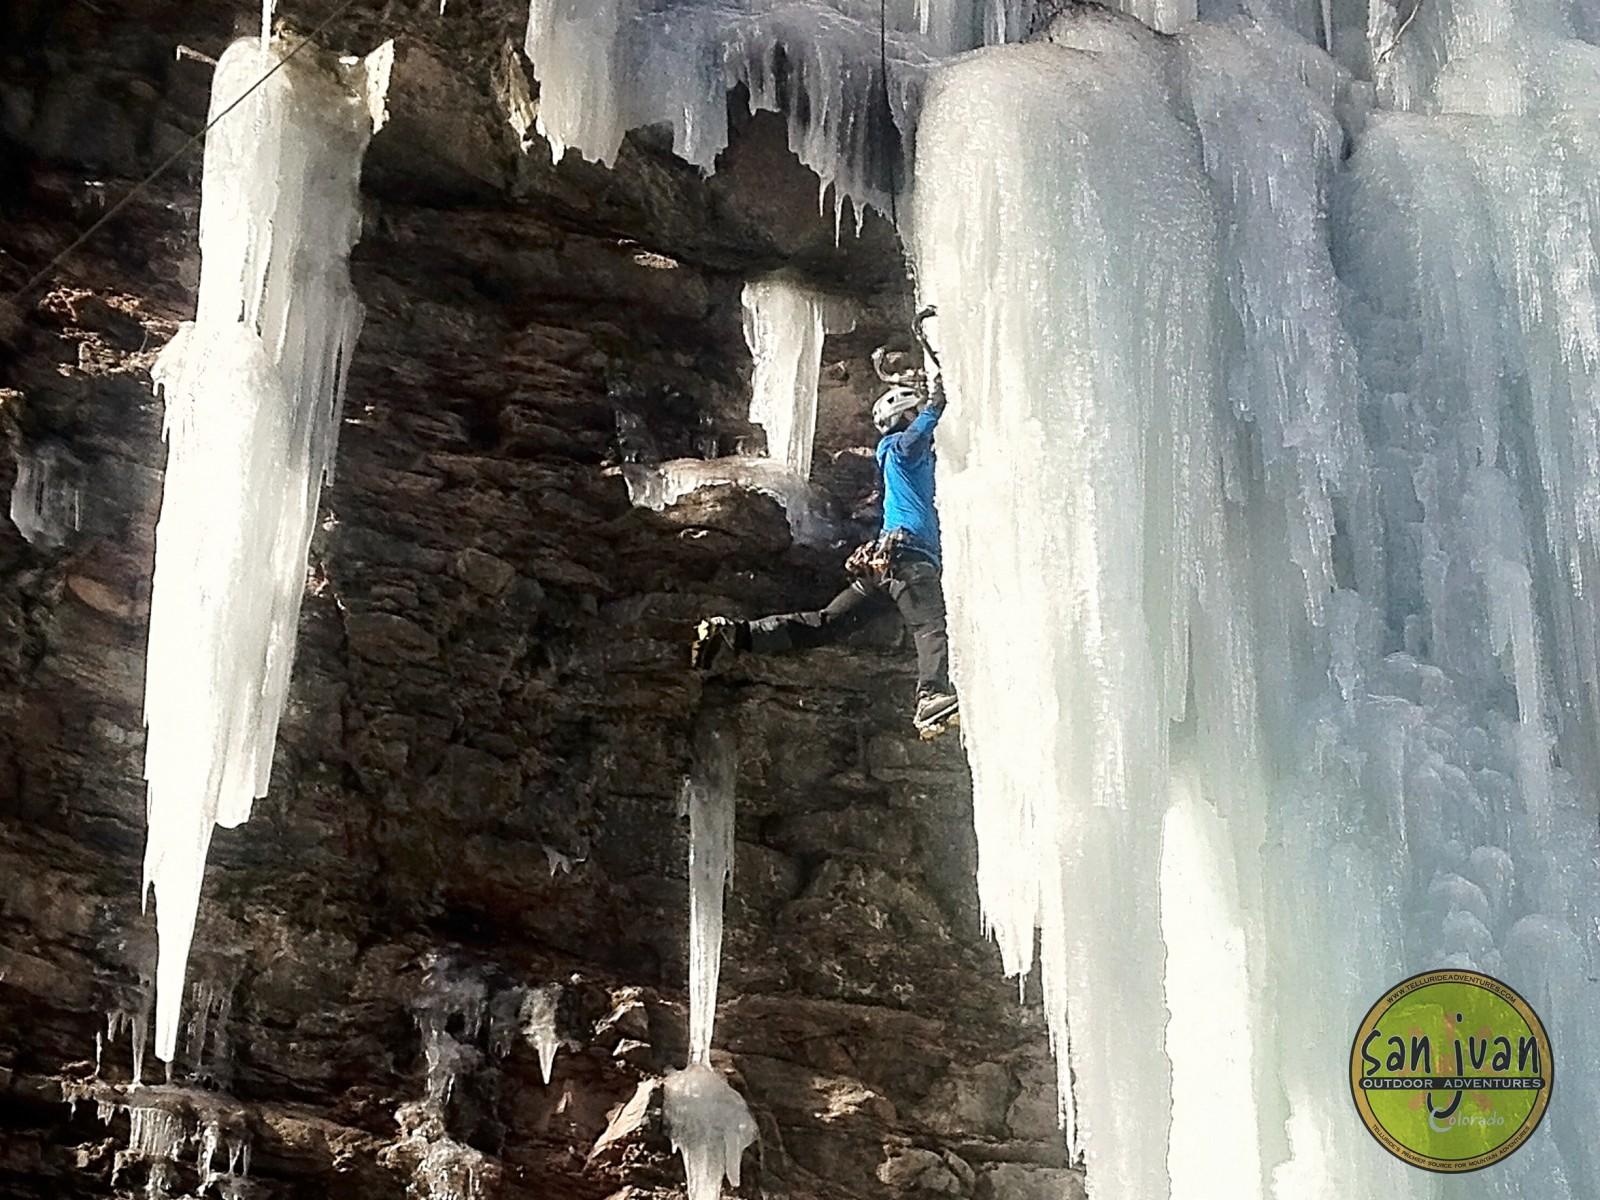 sanjuanoutdoors-iceclimbing